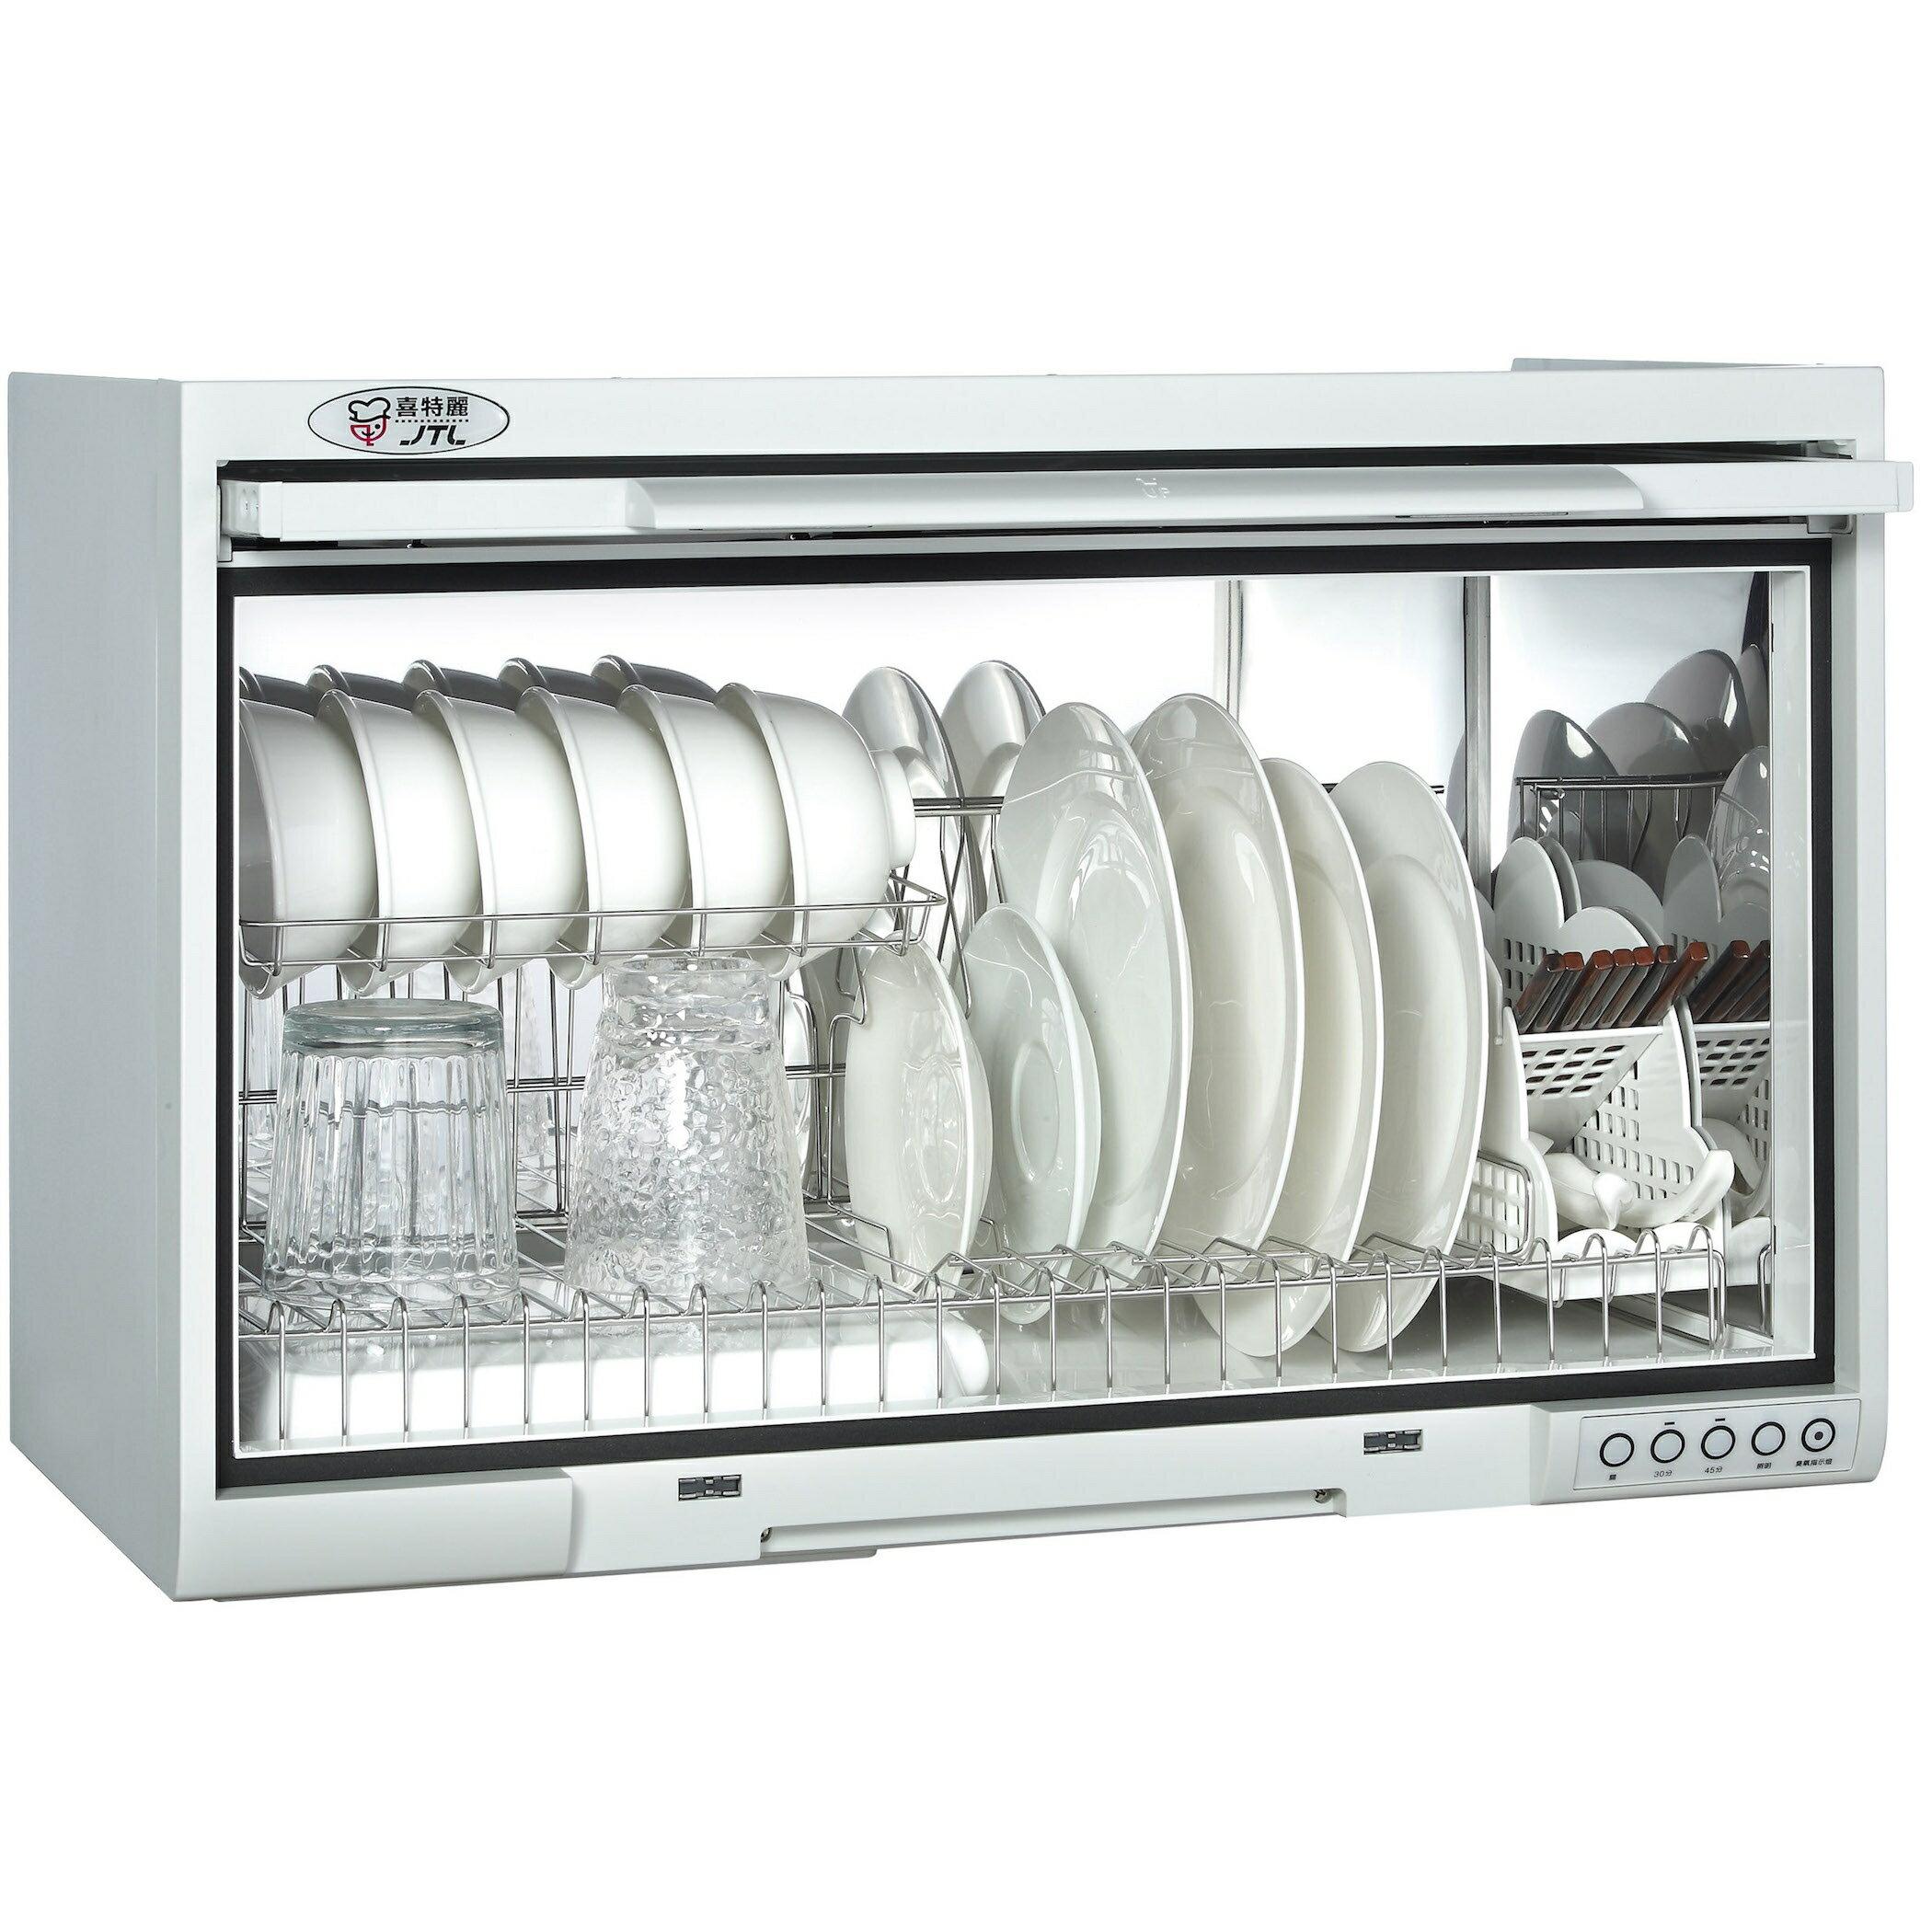 【品僑企業行】喜特麗JT-3760(無臭氧型)/JT-3760Q(臭氧型)懸掛式烘碗機